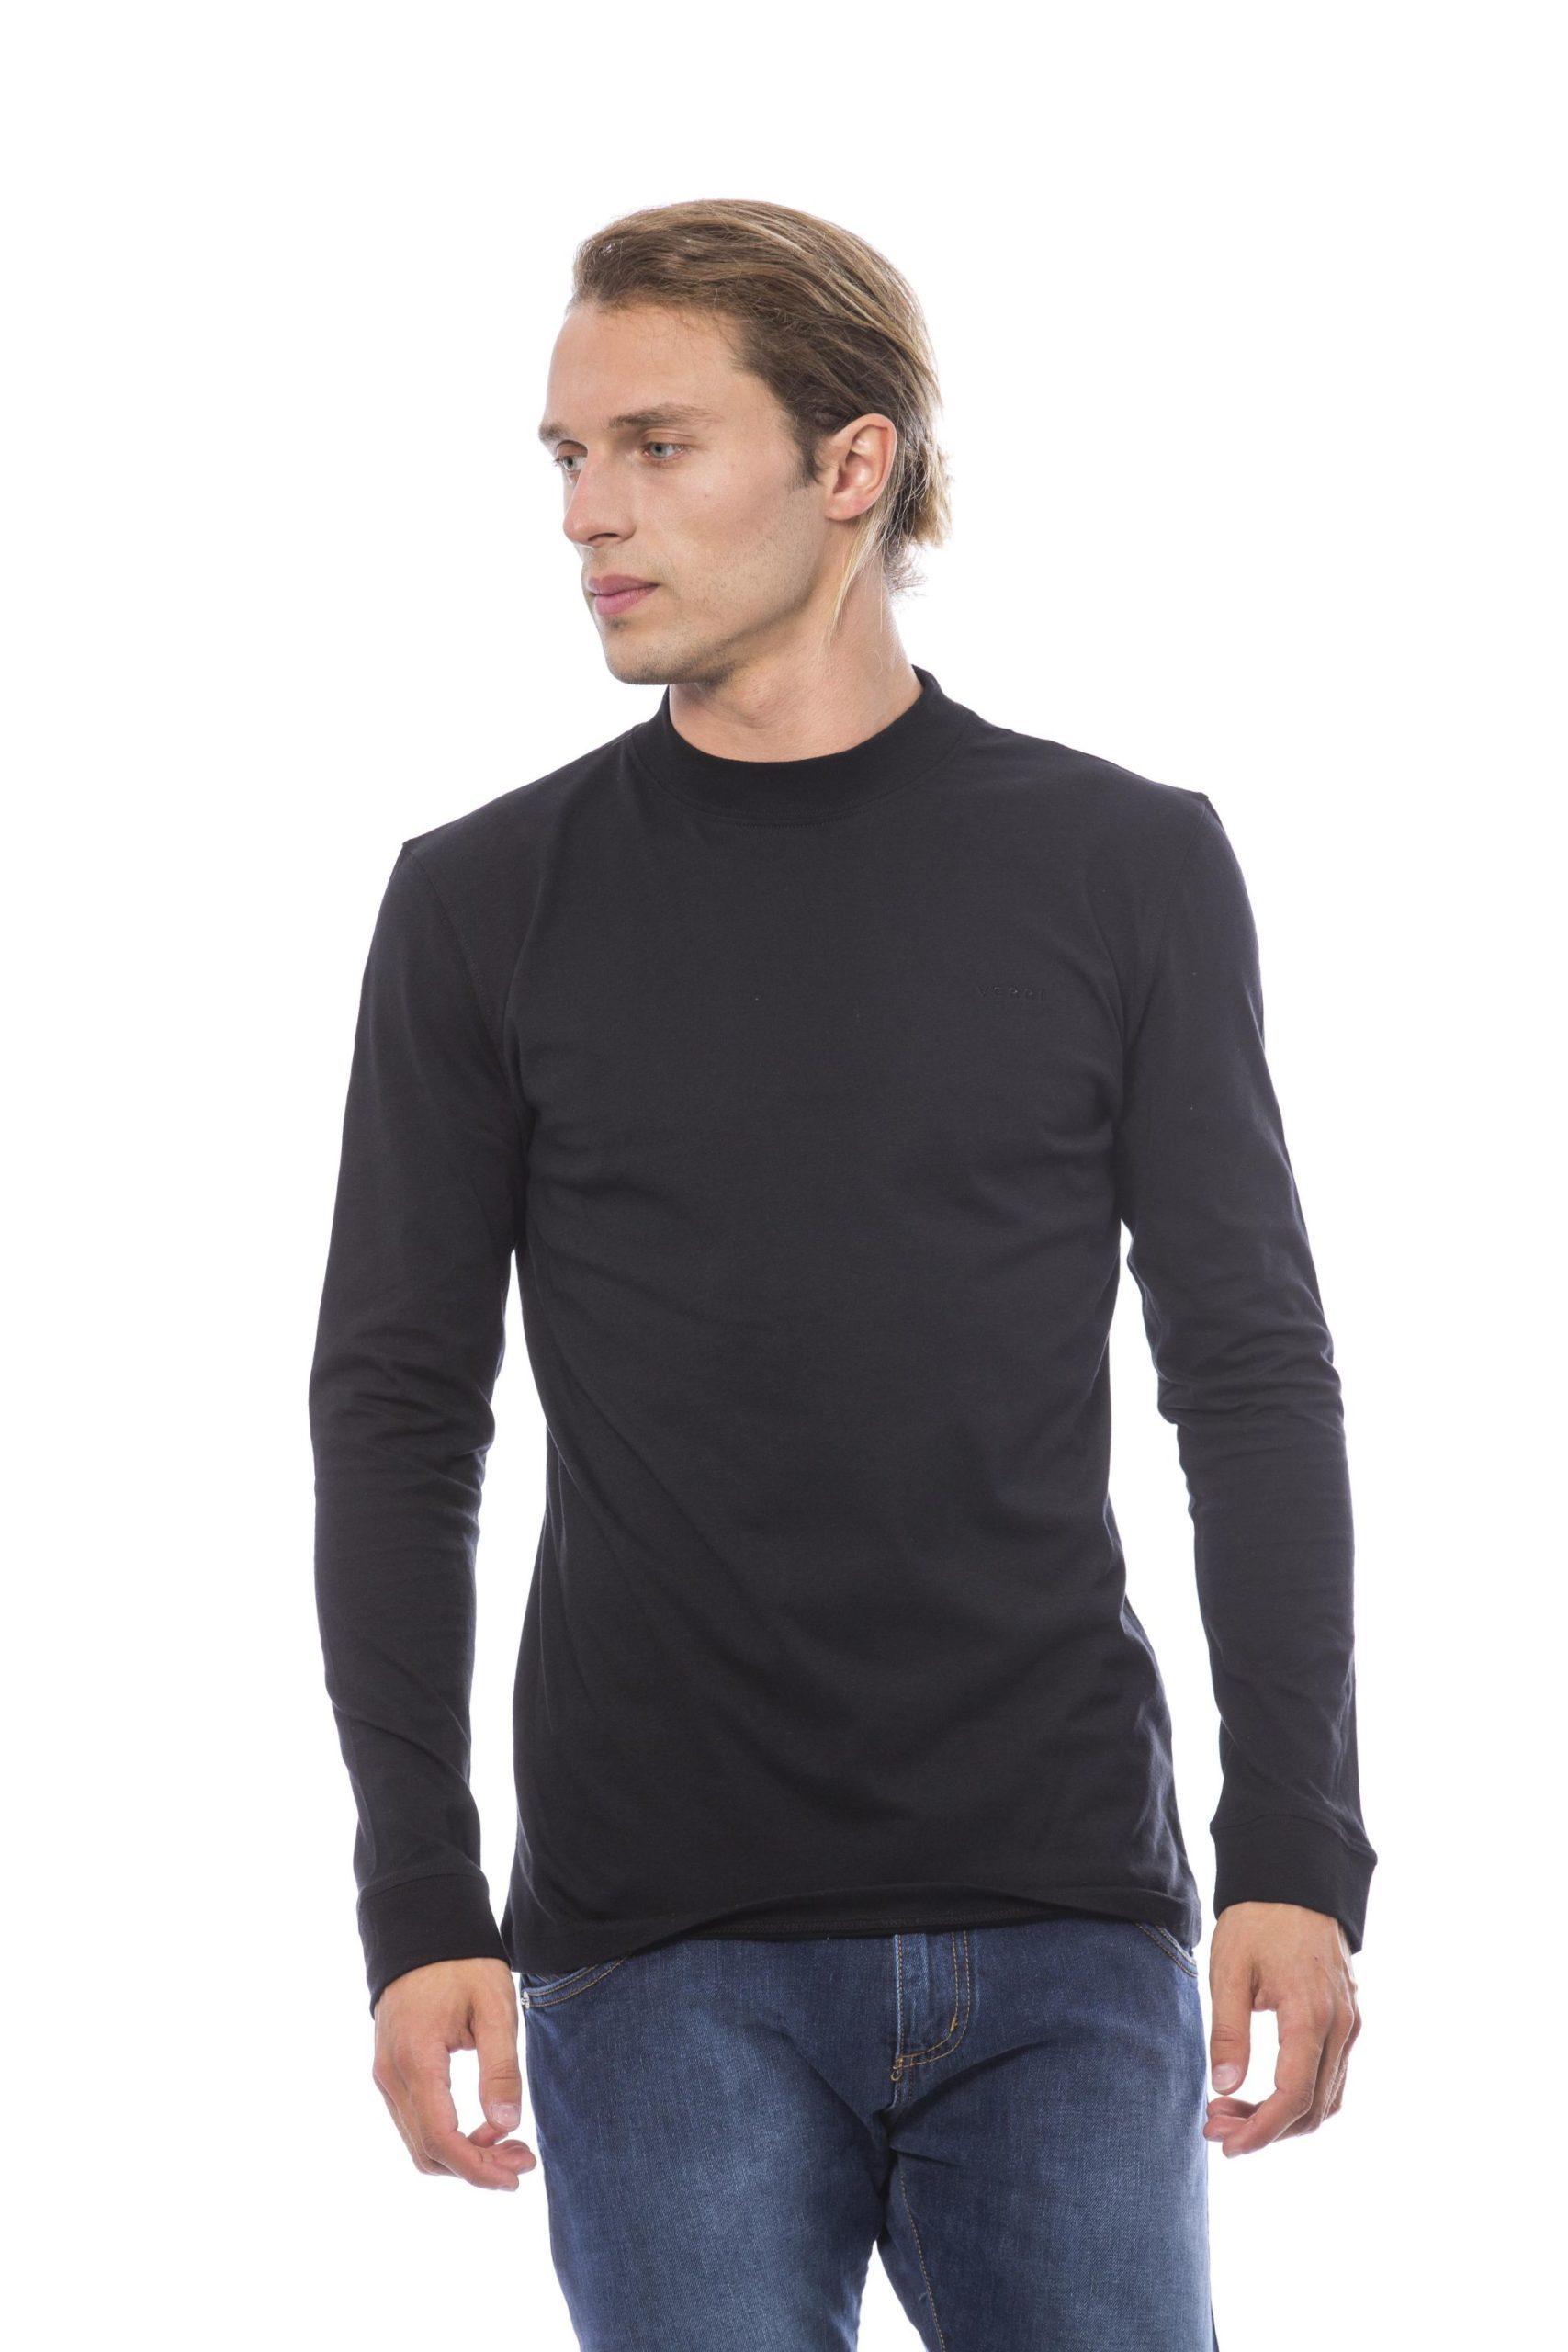 Verri Men's Vnero Sweater Black VE817295 - L